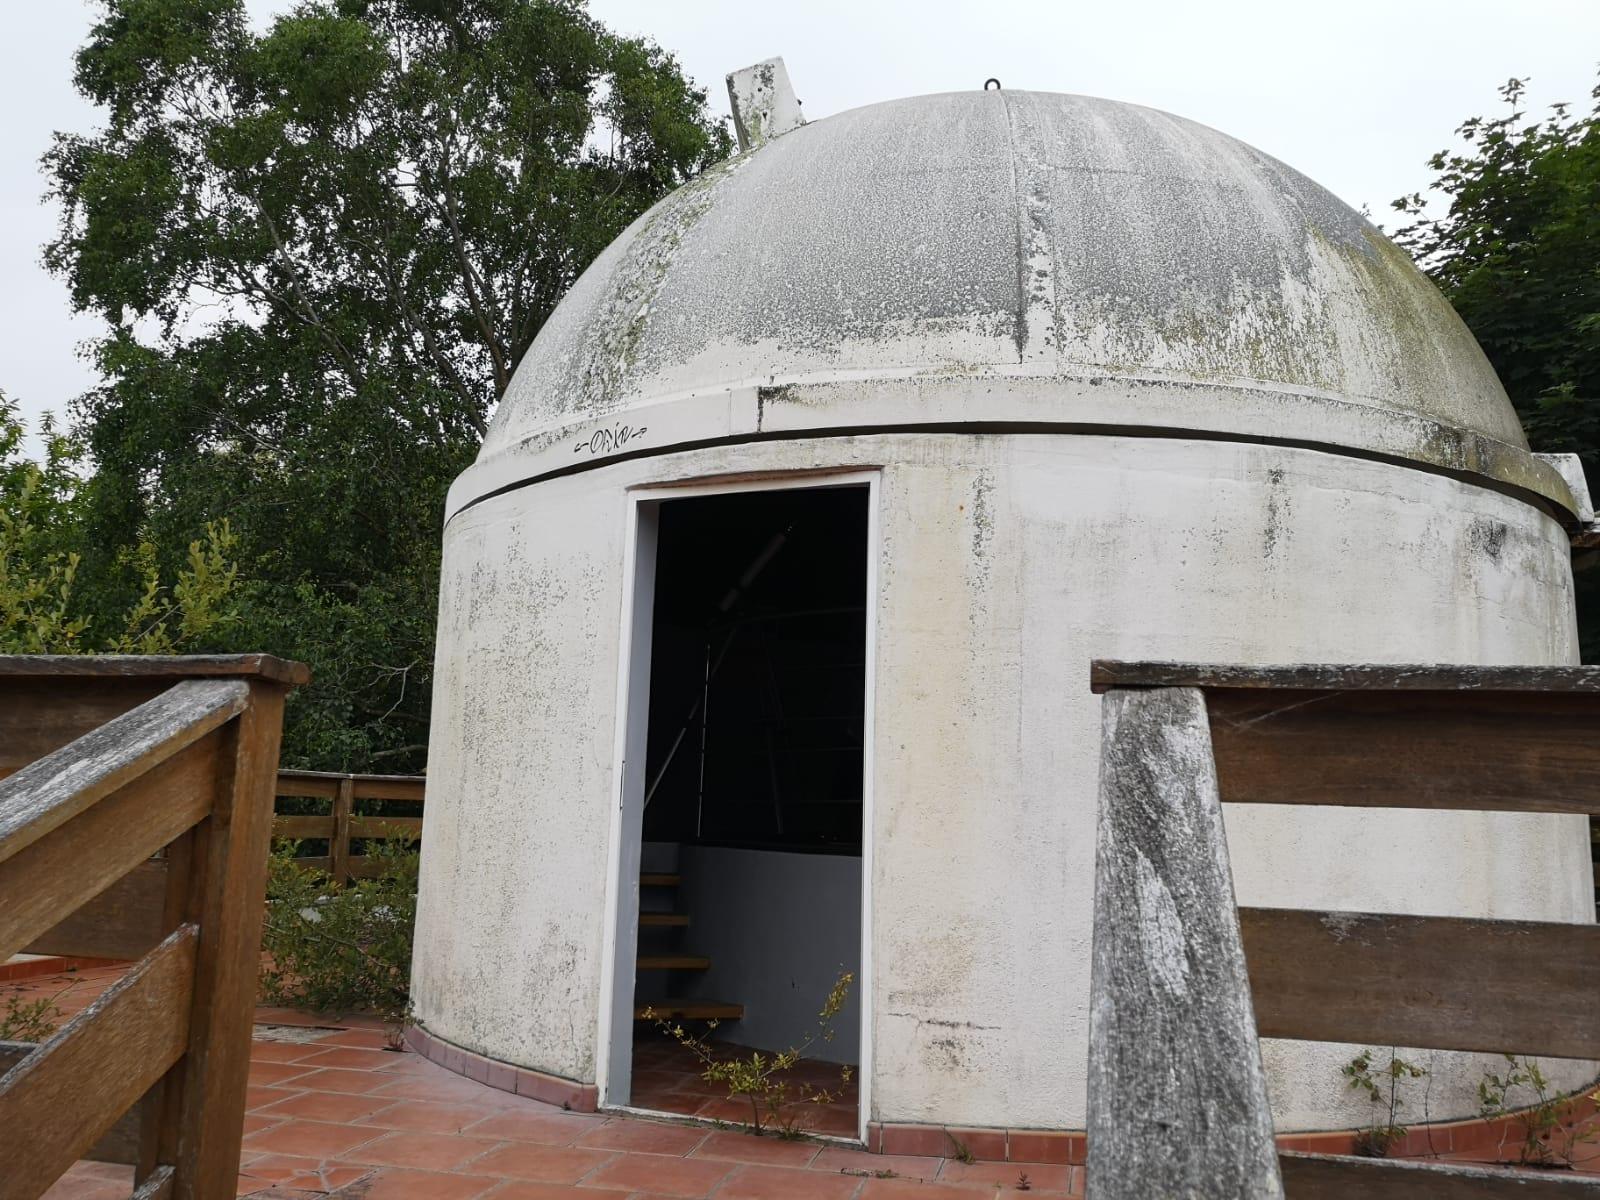 Daniel Vega critica a actitude do goberno local con respecto á observación astronómica que organiza a Xunta en Ribadeo